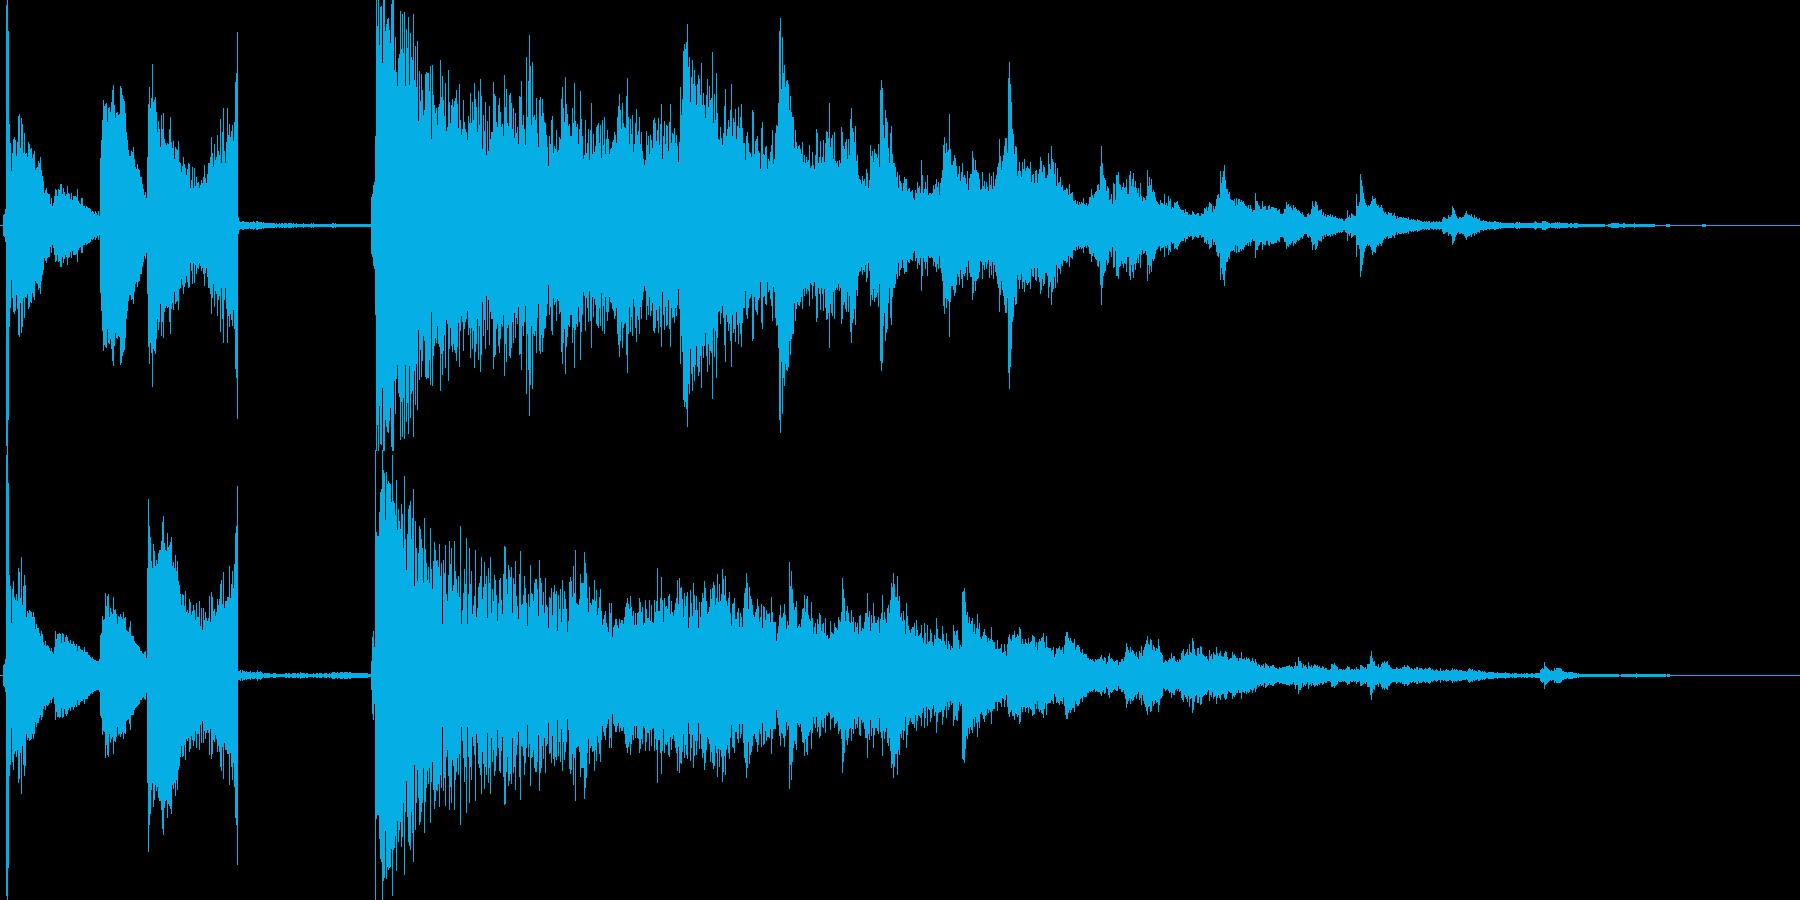 ビリヤードをイメージしたサウンドロゴの再生済みの波形